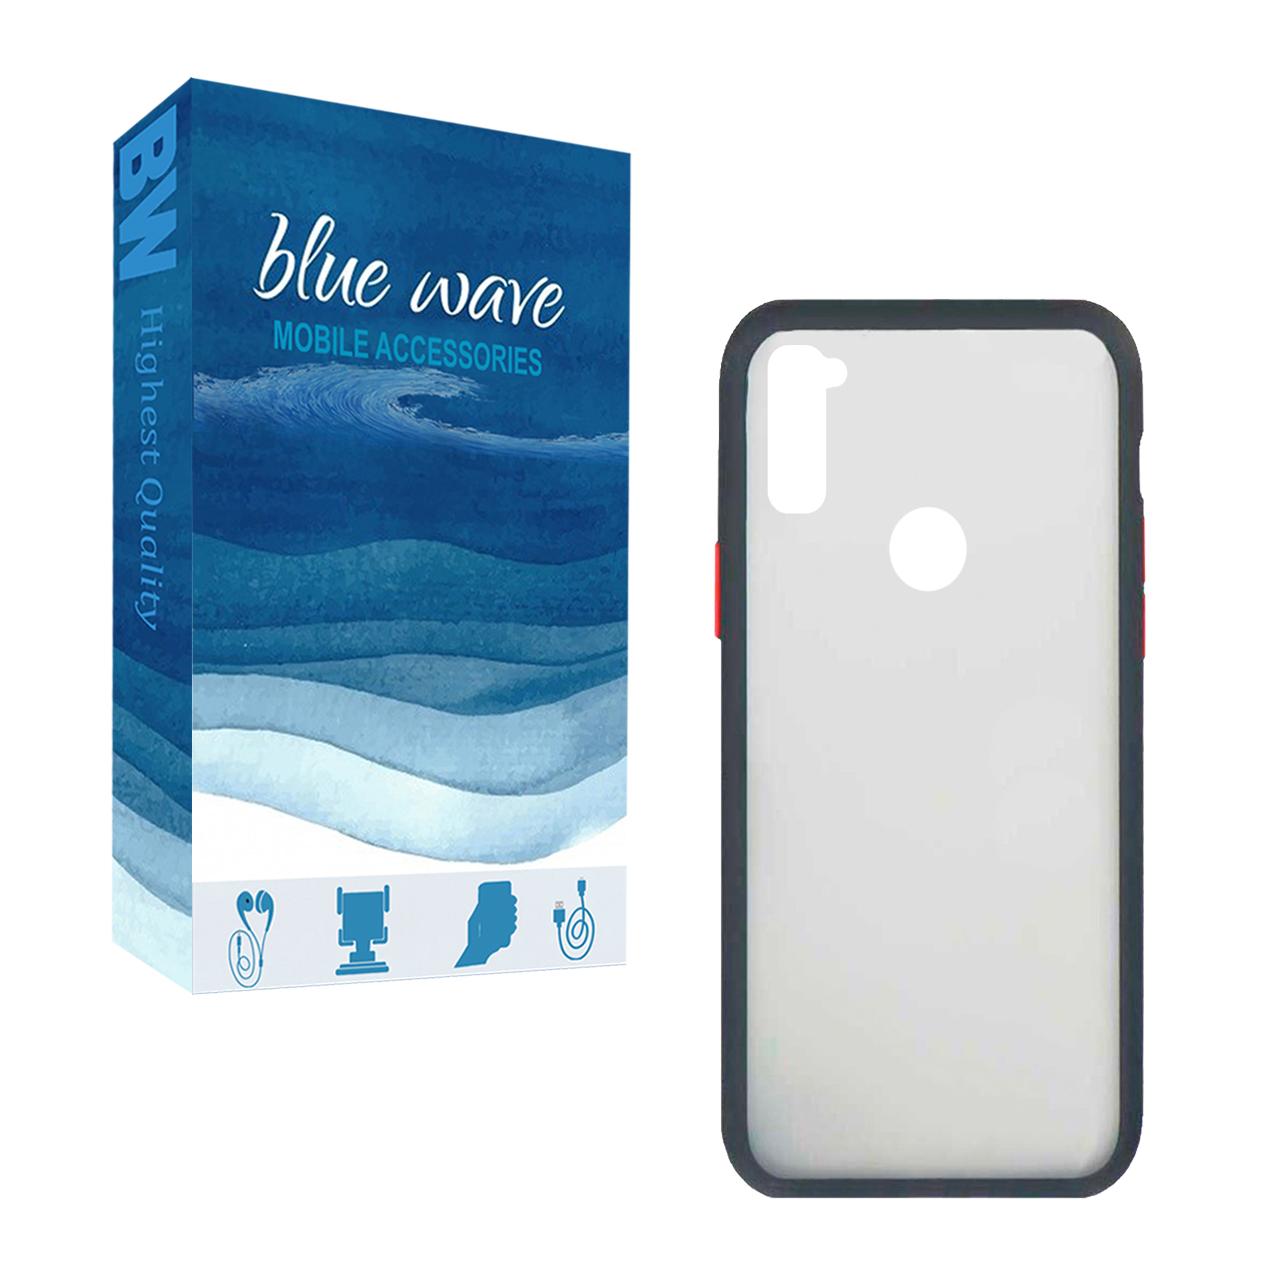 کاور بلو ویو مدل BWPC-1 مناسب برای گوشی موبایل سامسونگ Galaxy A11